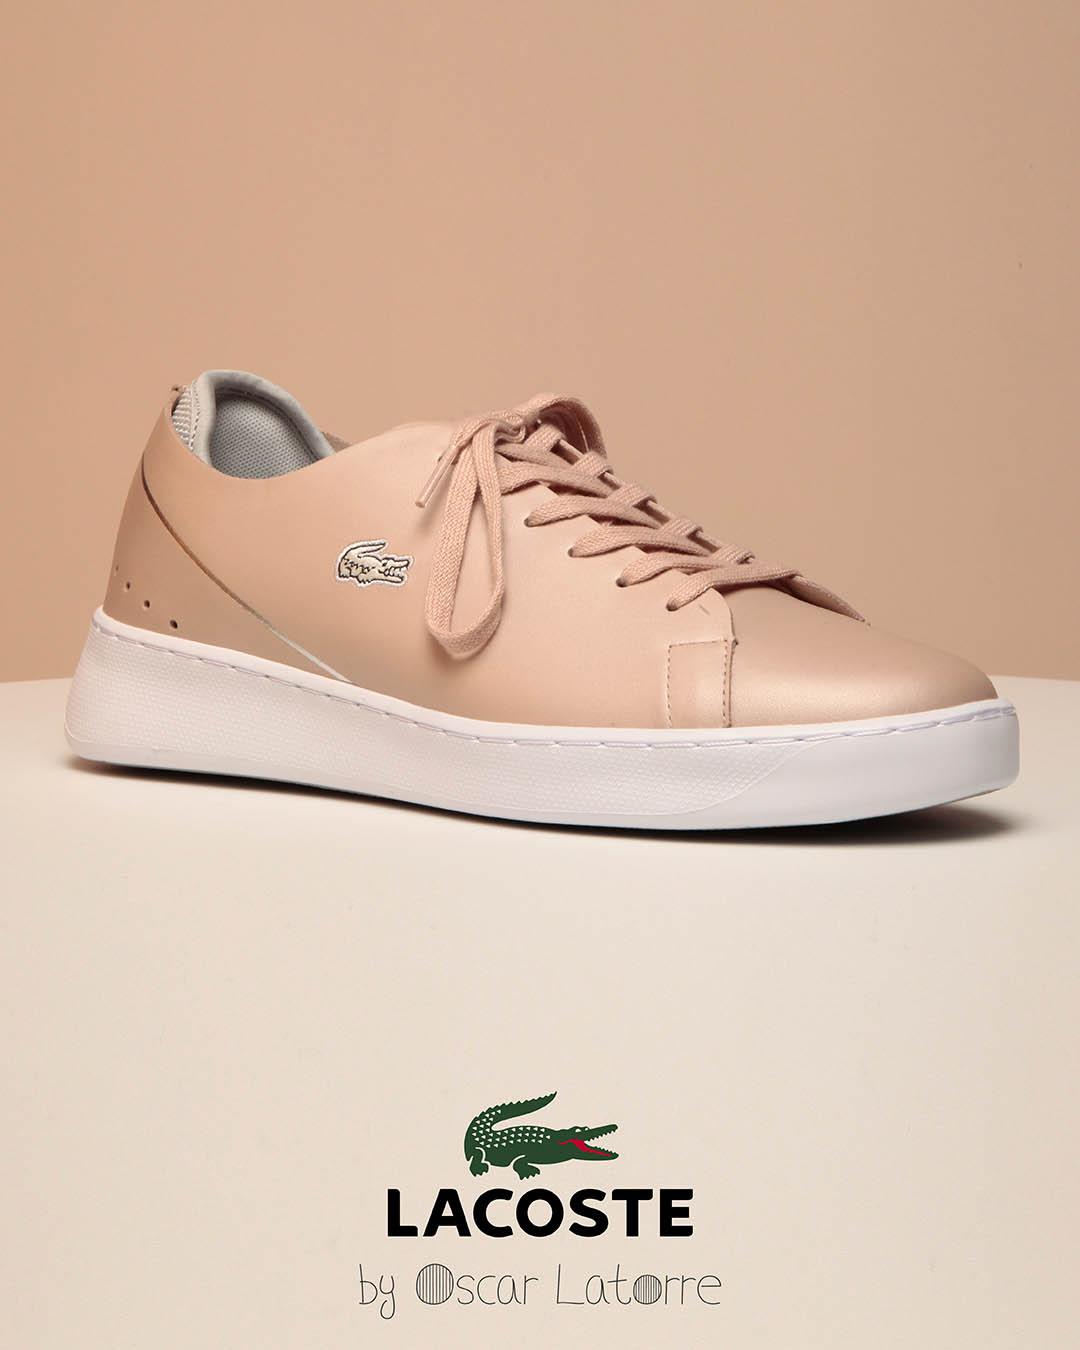 Lacoste by Oscar Latorre